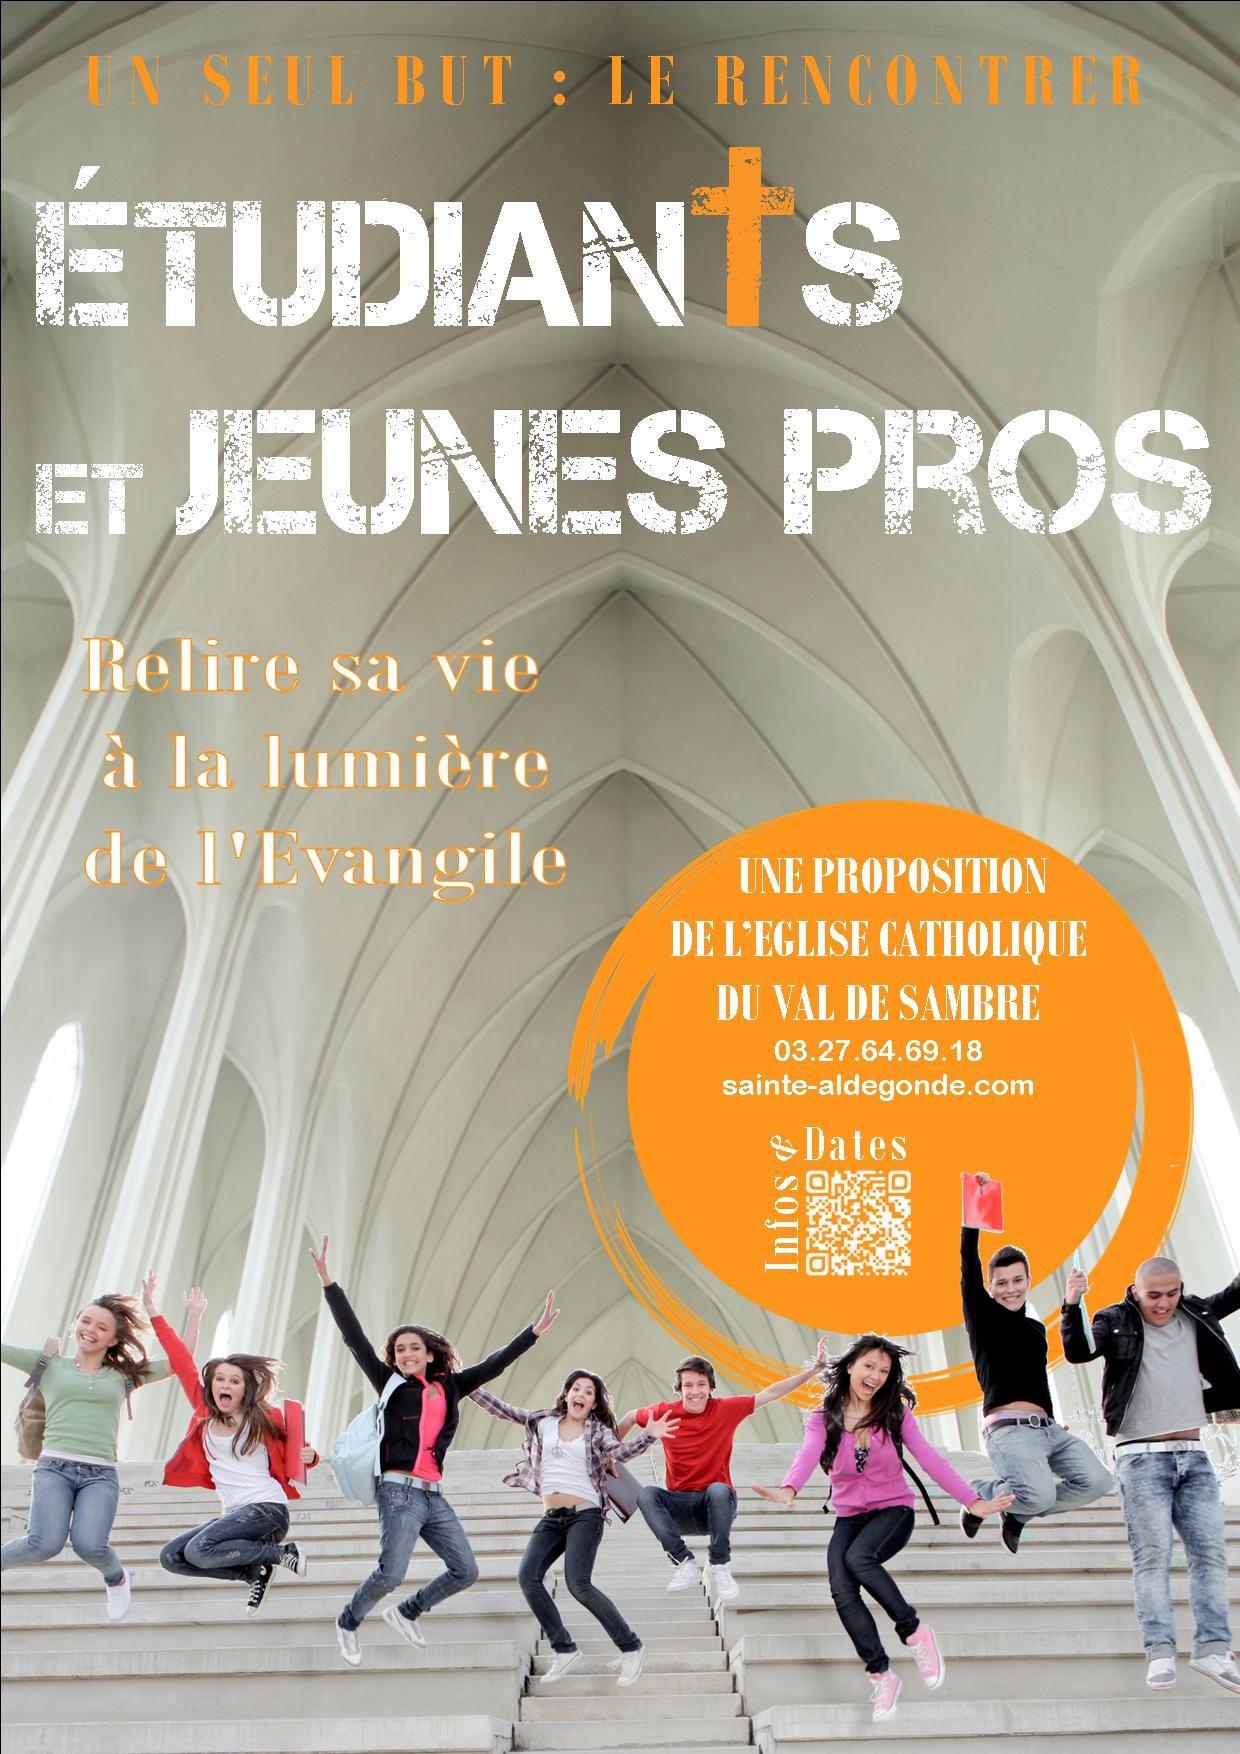 flyers etudiants 1